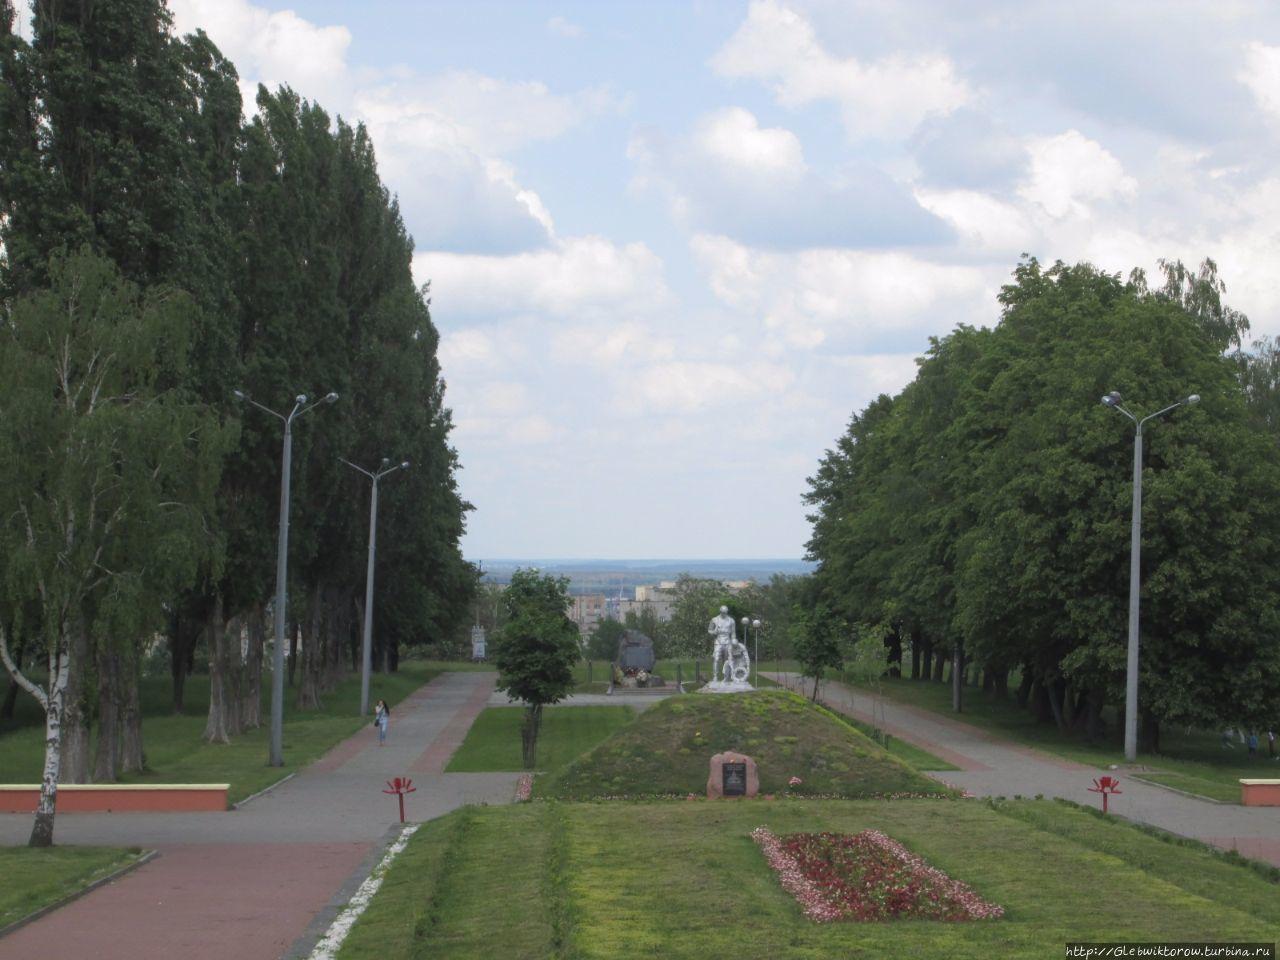 Парк памяти и славы Мозырь, Беларусь